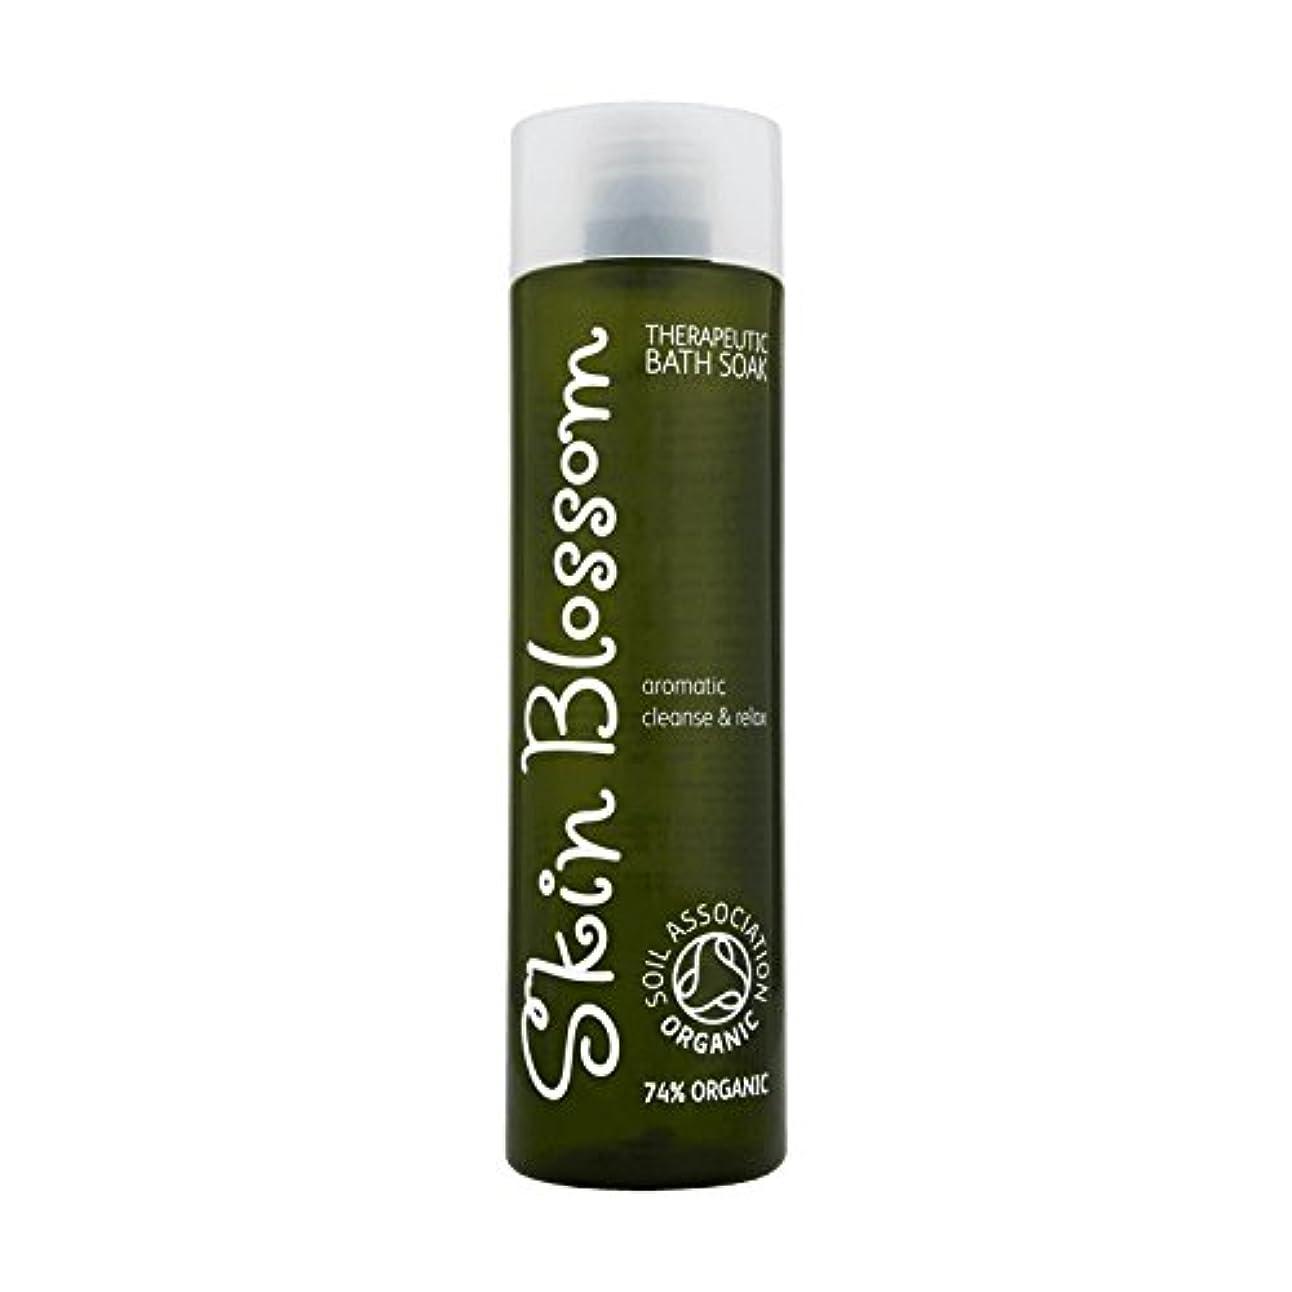 バレーボール入札恩恵Skin Blossom Therapeutic Bath Soak 300ml (Pack of 6) - 治療浴は300ミリリットルソーク皮膚の花 (x6) [並行輸入品]